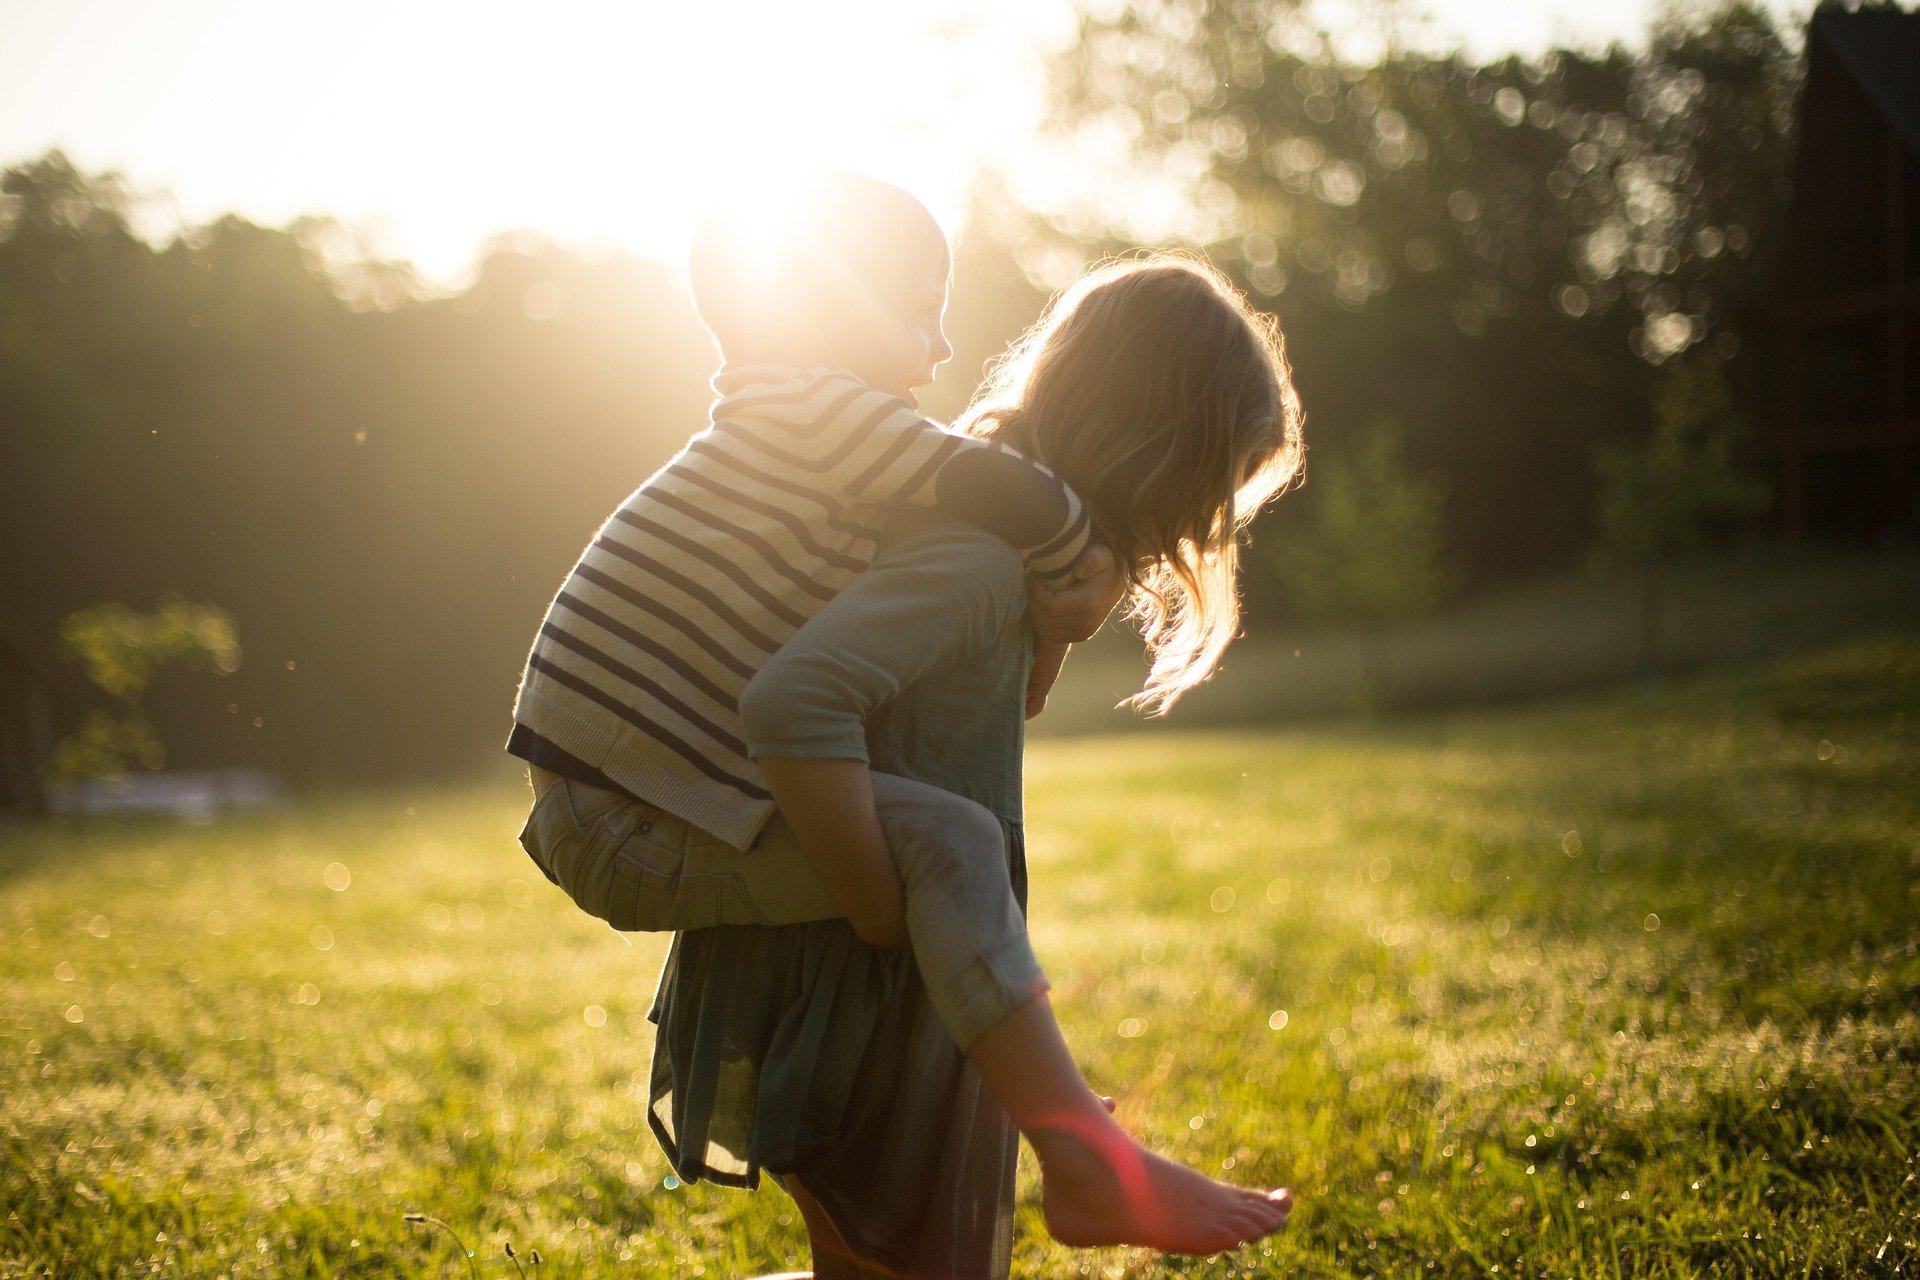 una mamma porta a cavalcioni il proprio bambino in un parco